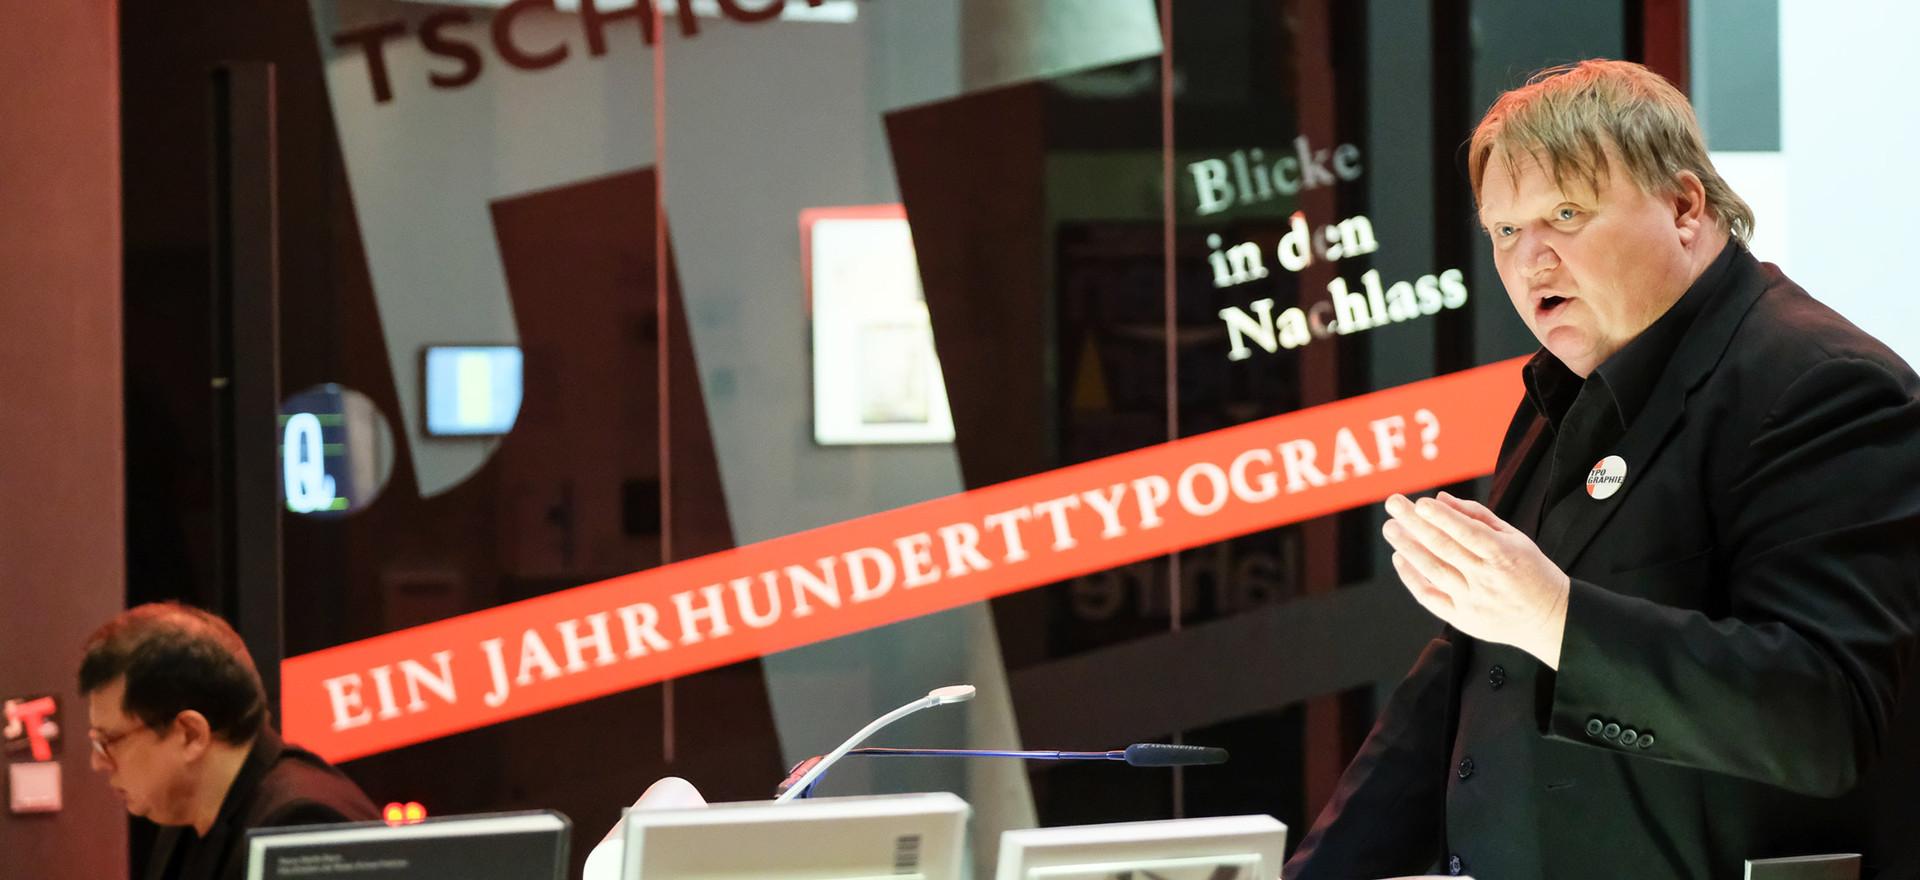 Jan Tschichold - Ein Jahrhunderttypograf?